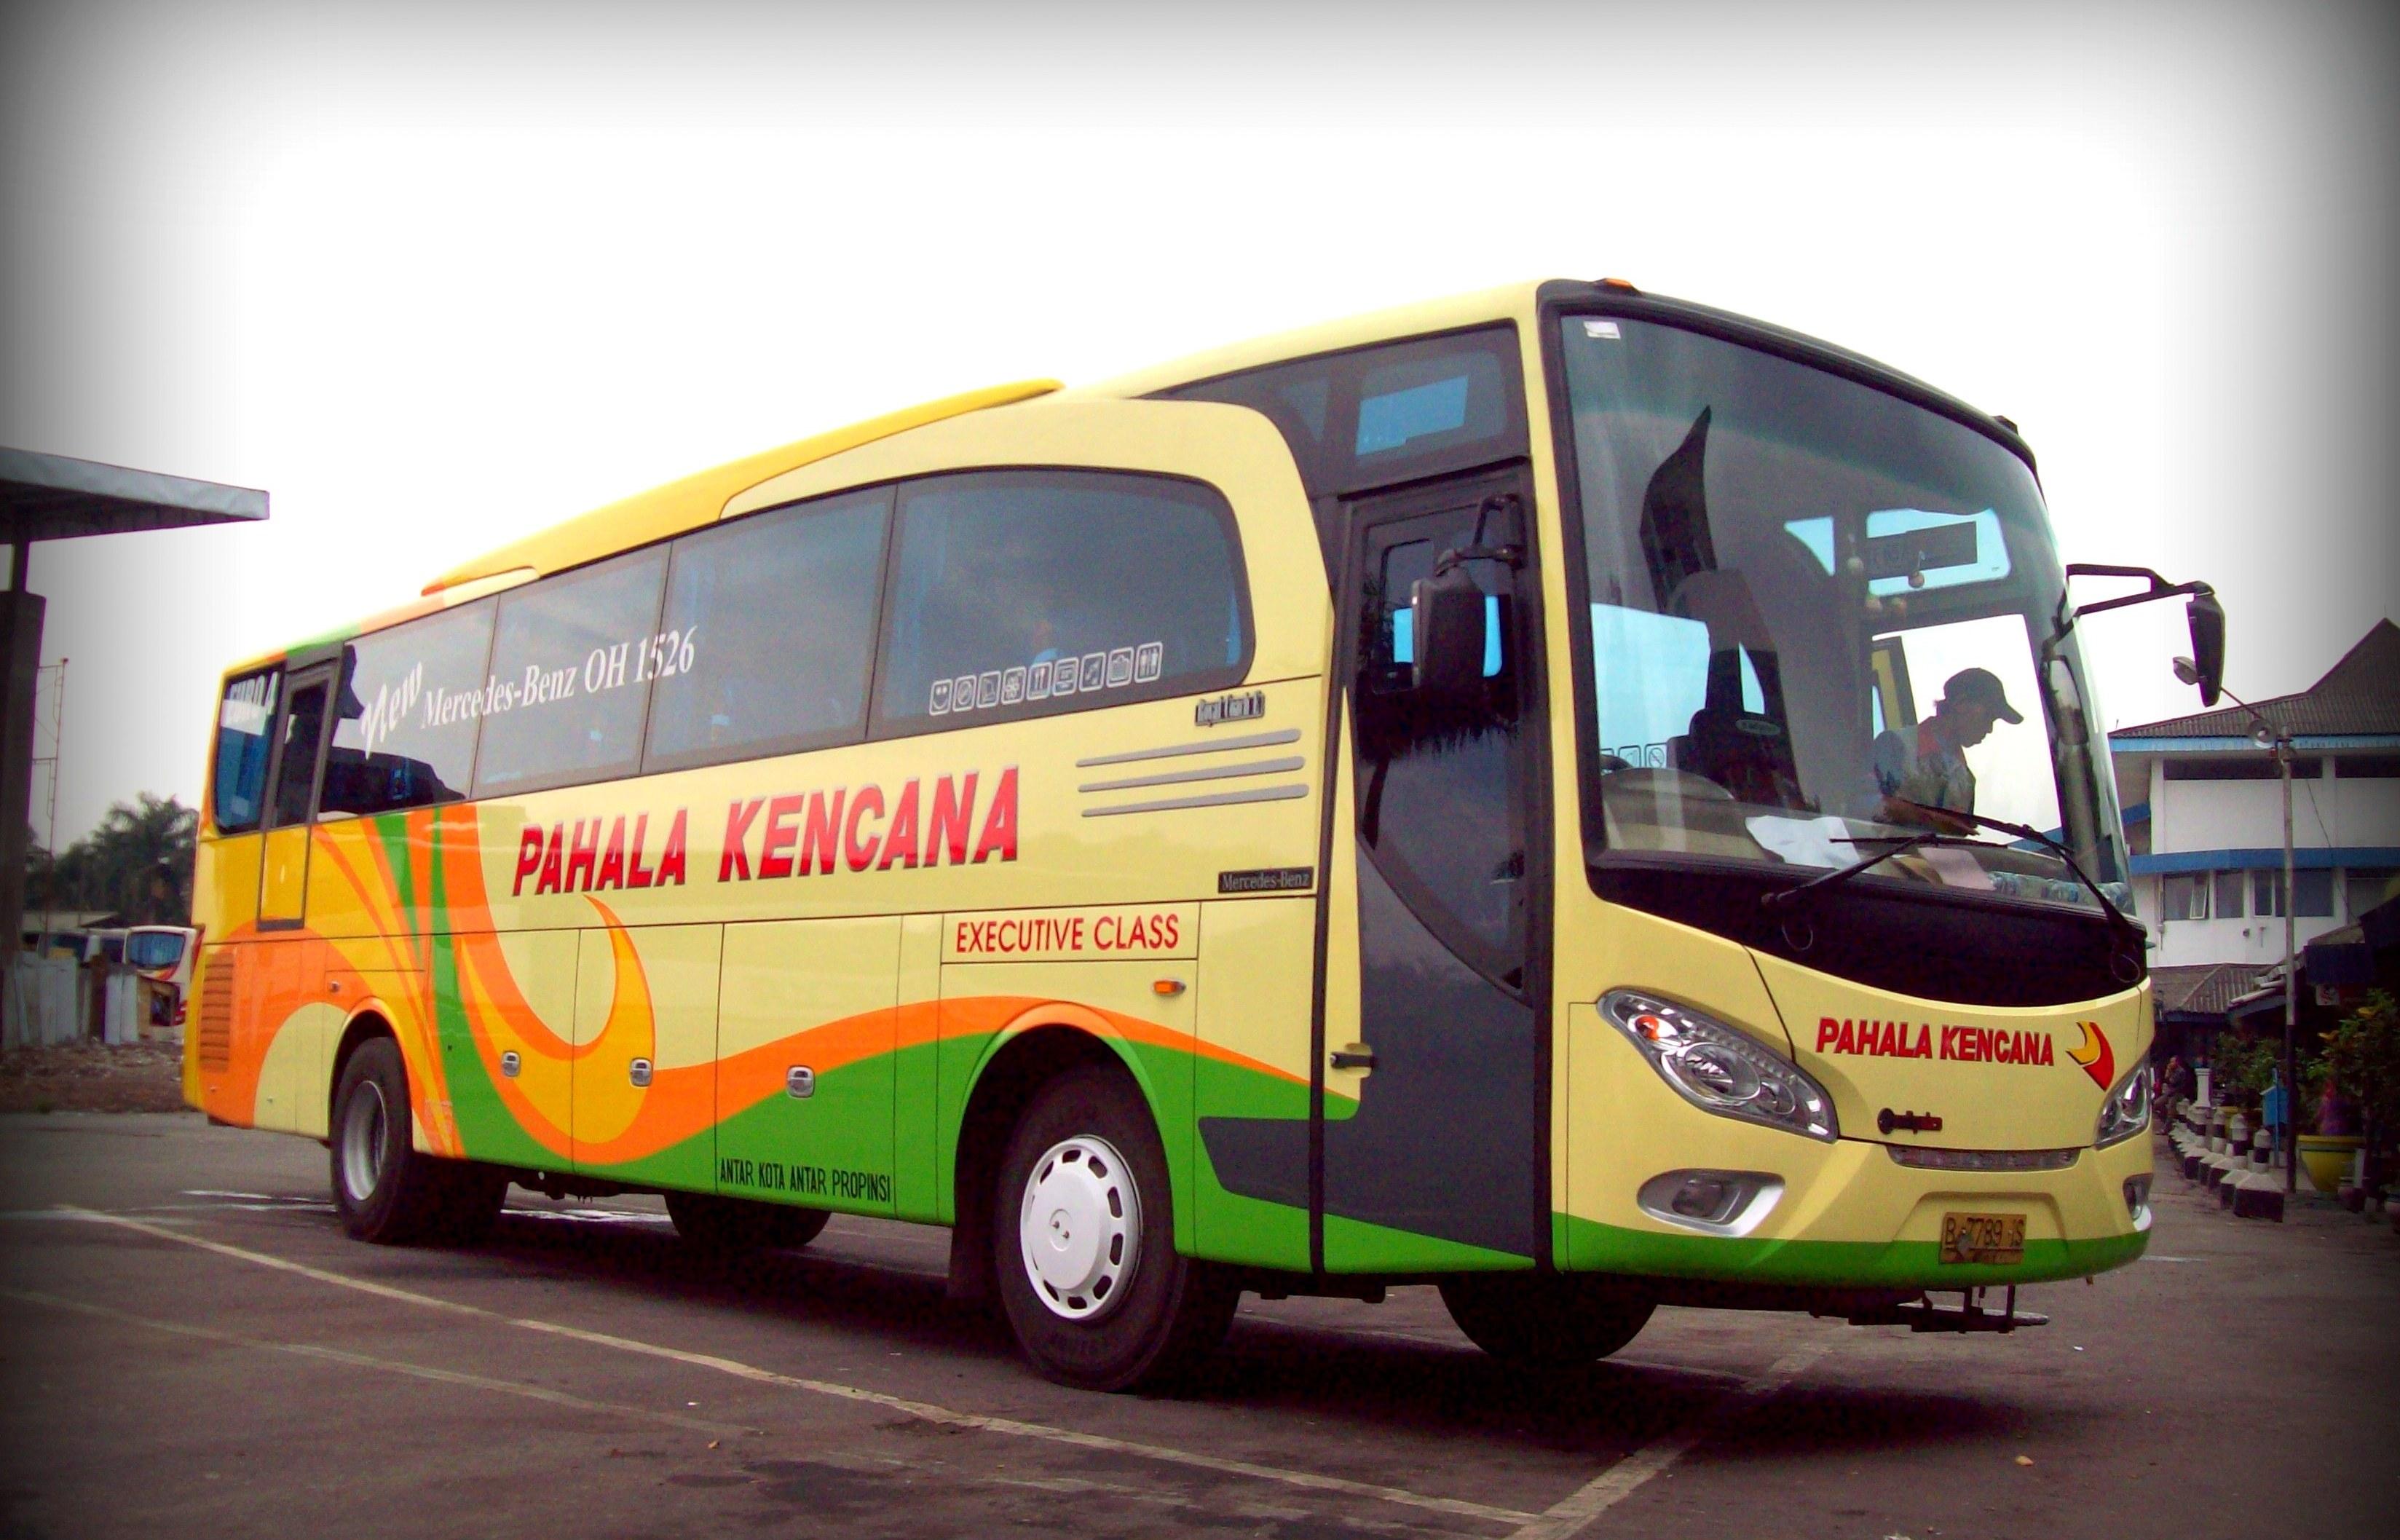 С Бали и до Джакарты 2016 (машина, паром, автобус, самолёт).